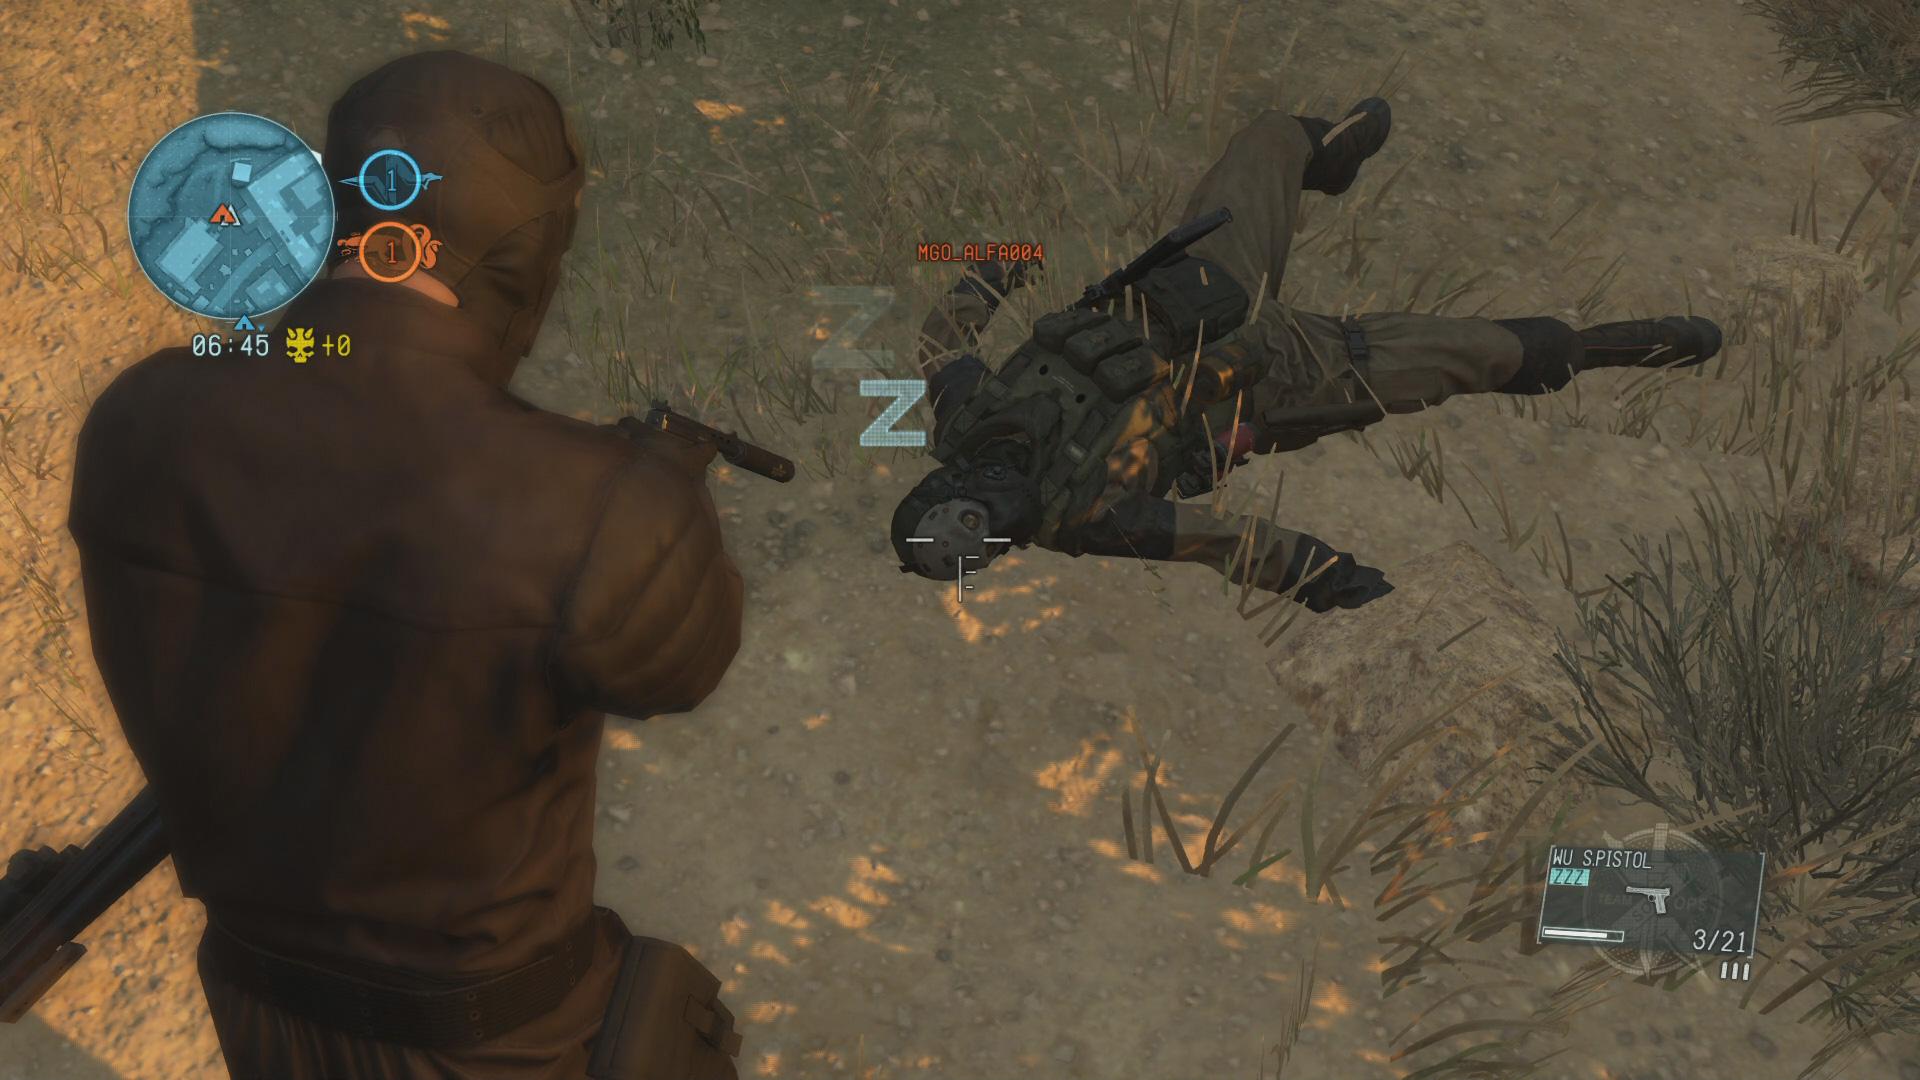 Metal-Gear-Online-WU-Pistol